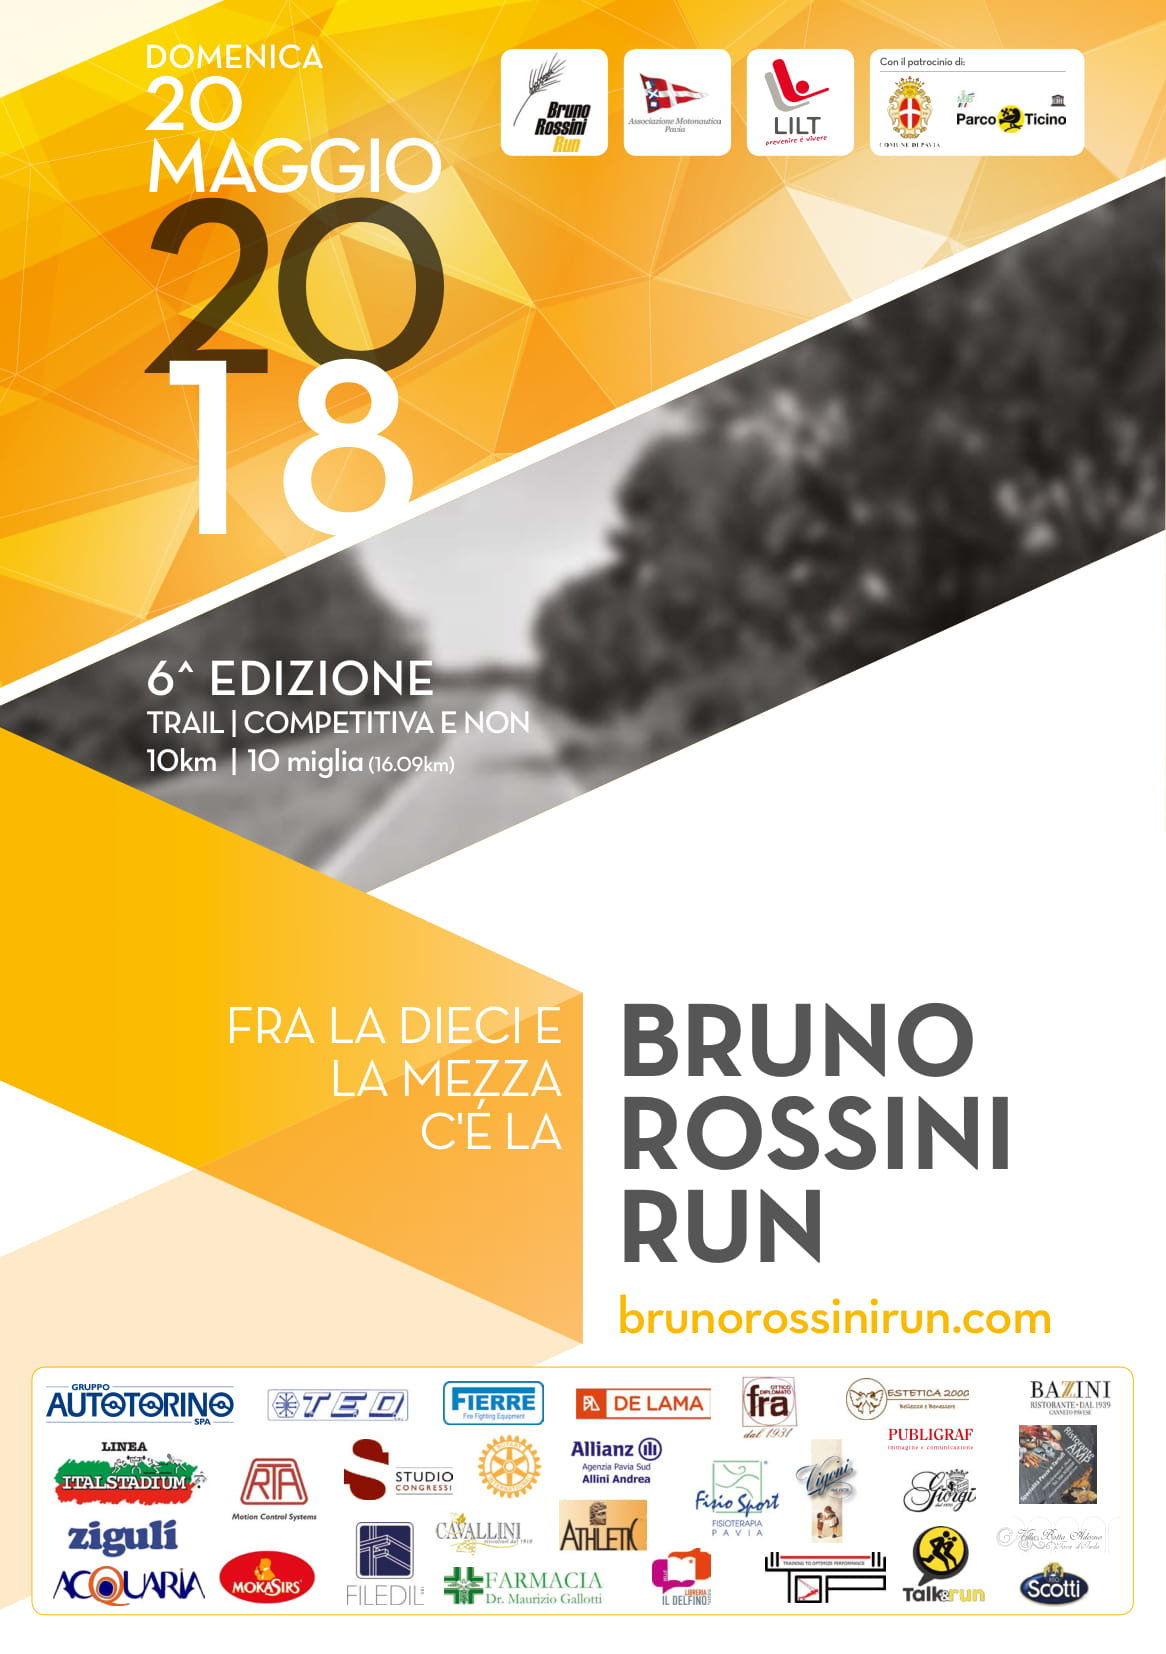 Bruno Rossini Run 2018 - 6° edizione